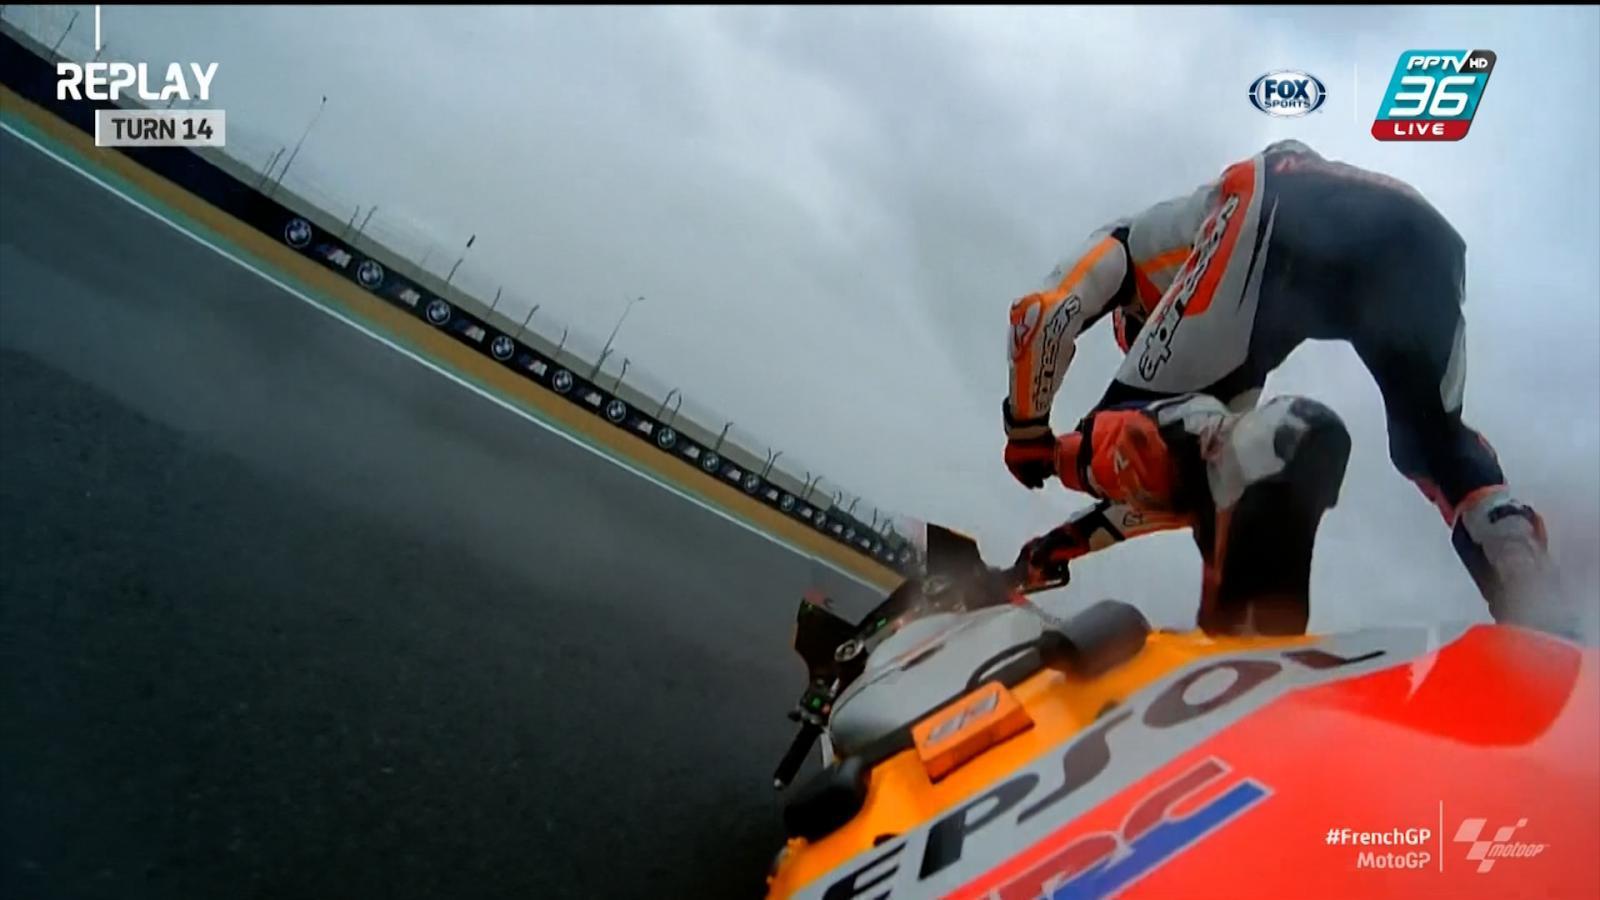 Marc Marquez นำมาดีดี ท้ายปัด รถสบัดล้มลงไปในโค้ง 14 แต่ยังกลับมาแข่งต่อได้